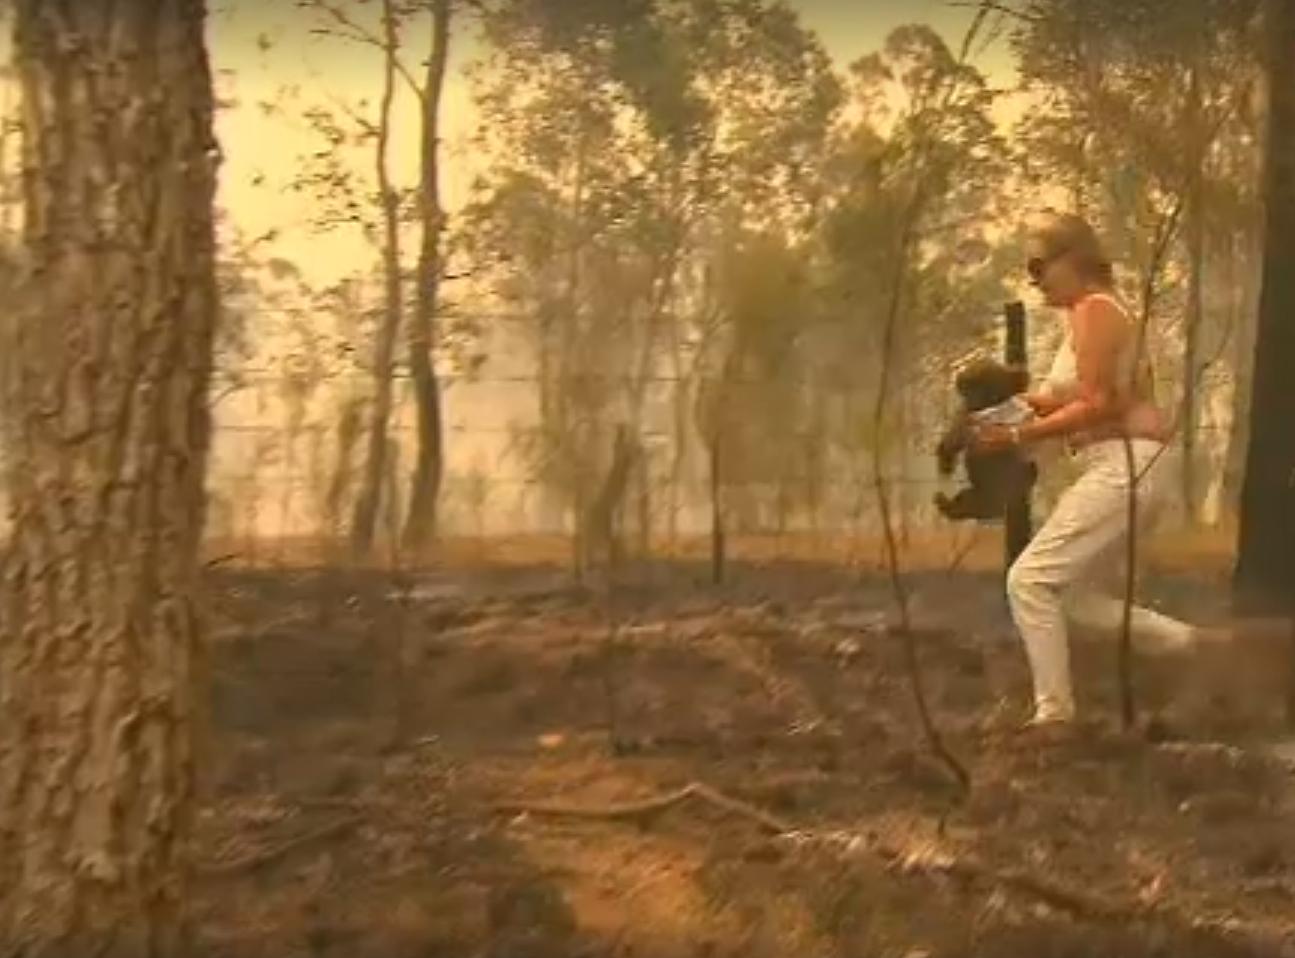 Un koala devenit celebru după ce a fost salvat din flăcări în Australia a murit